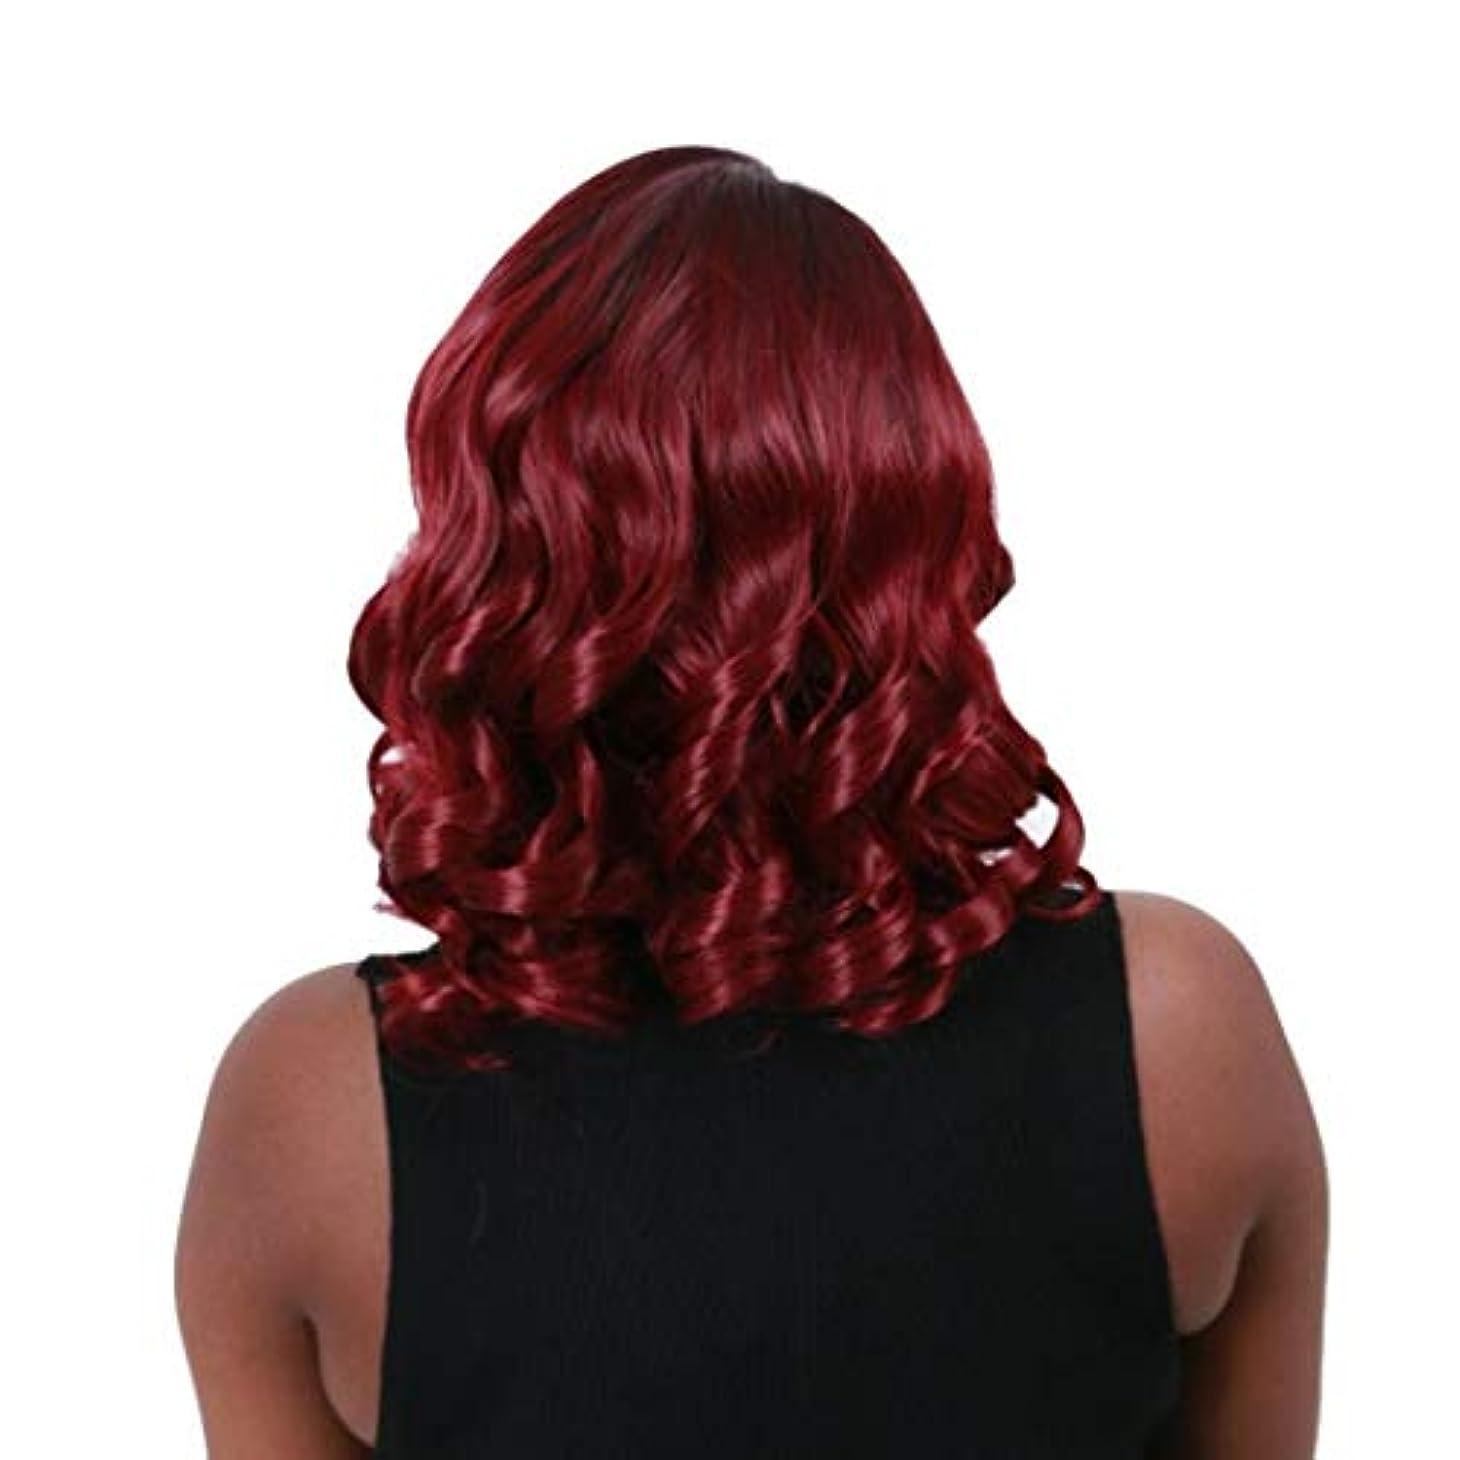 オリエント感謝祭強調Kerwinner 女性のための短い波状の合成かつらかつら短いふわふわボブ変態